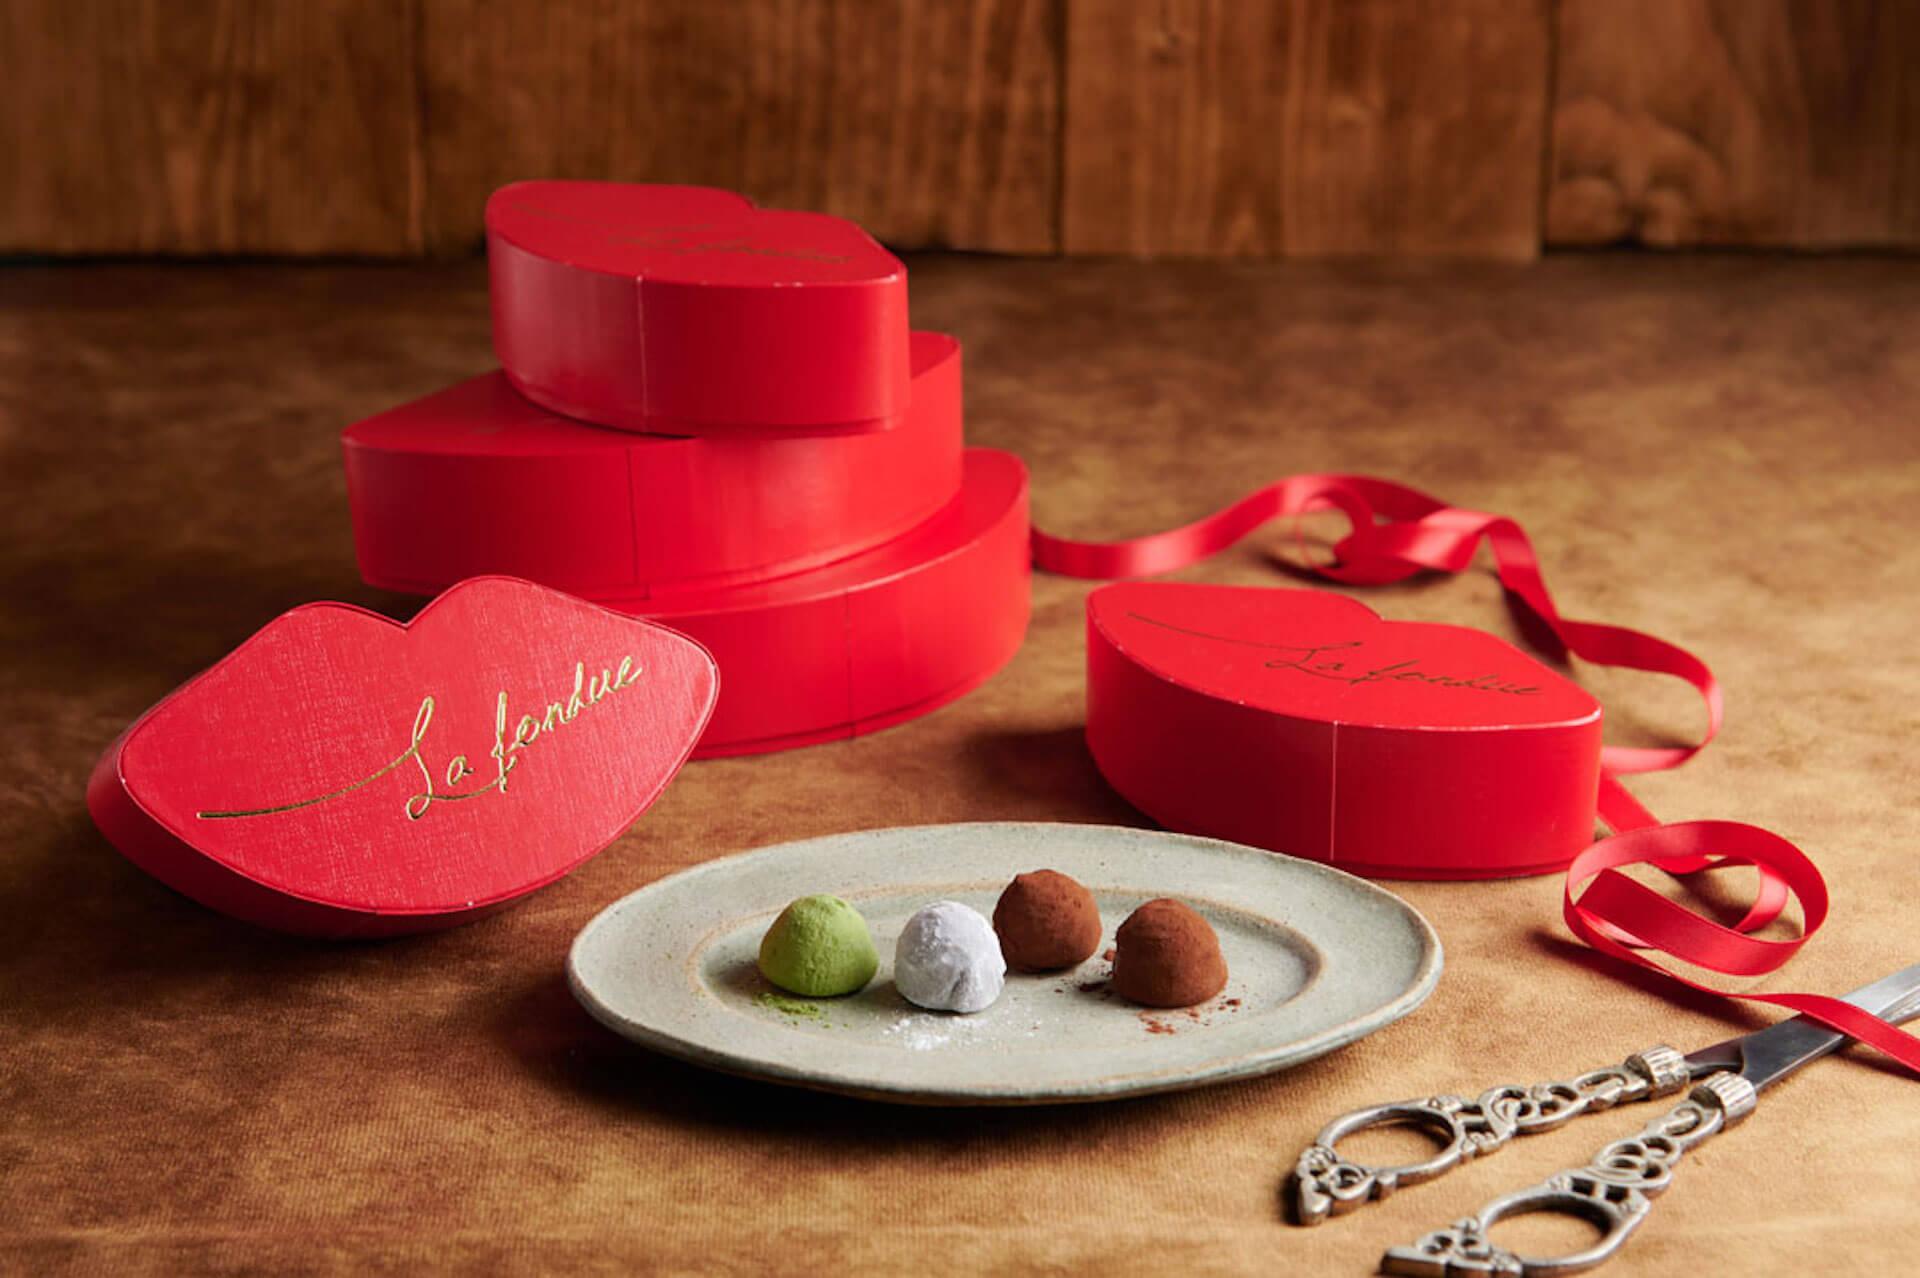 """唇だけで溶けてしまう""""噛まない""""生チョコレート『ラ・フォンデュ』がバレンタインシーズン限定で発売! gourmet210126_rafondue_1"""